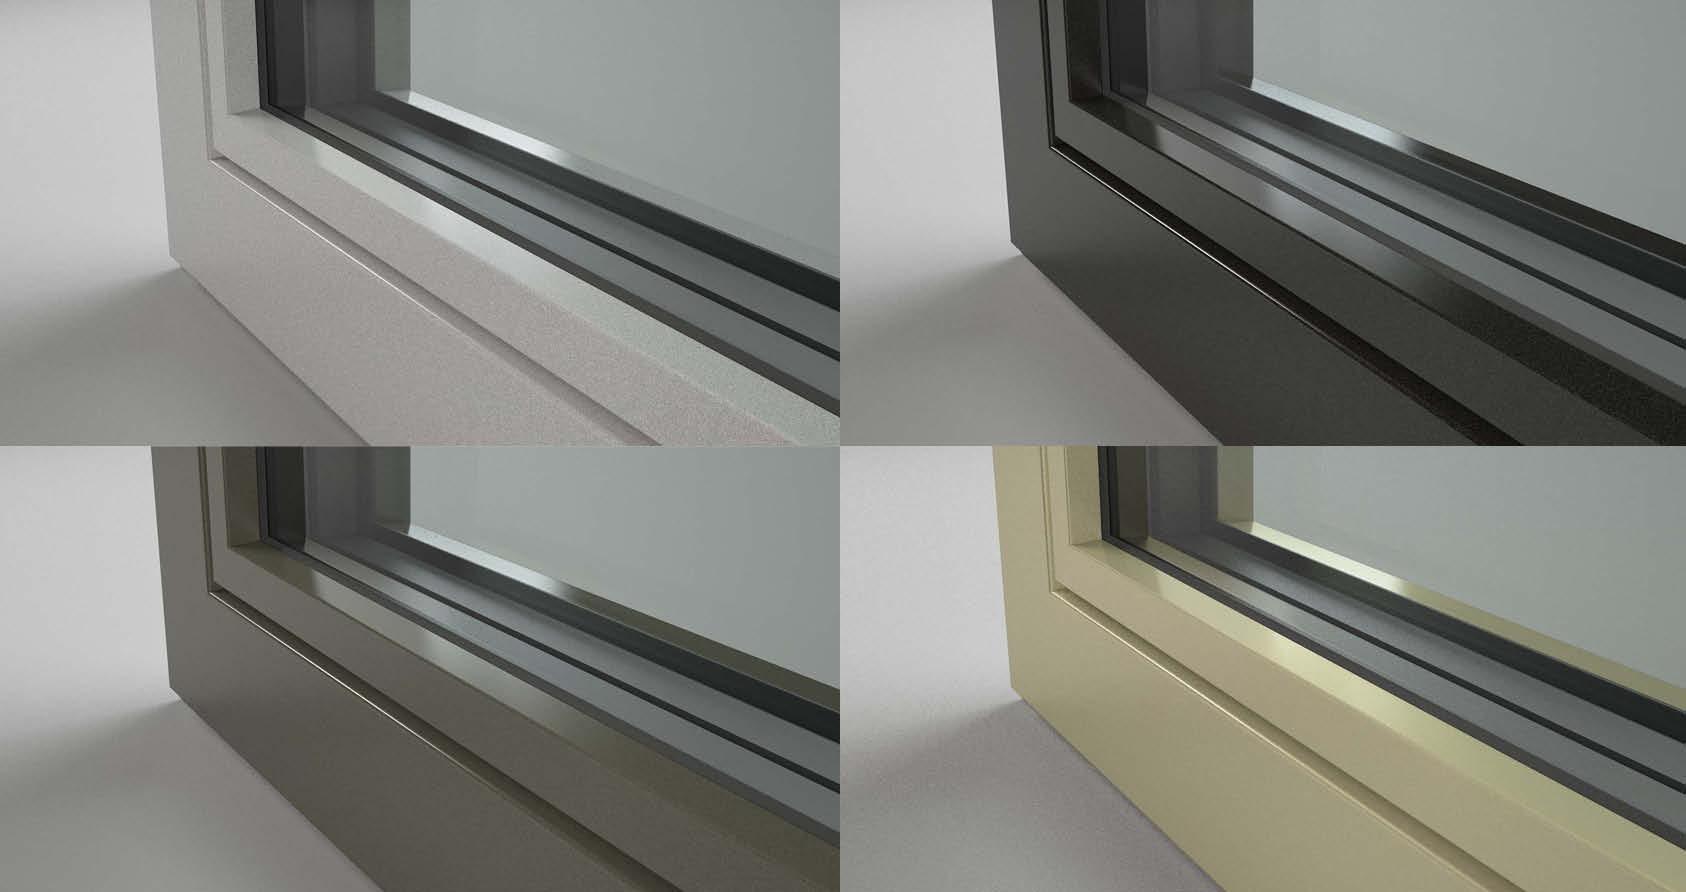 Finestre in alluminio con superficie ruvida effetto metallizzato